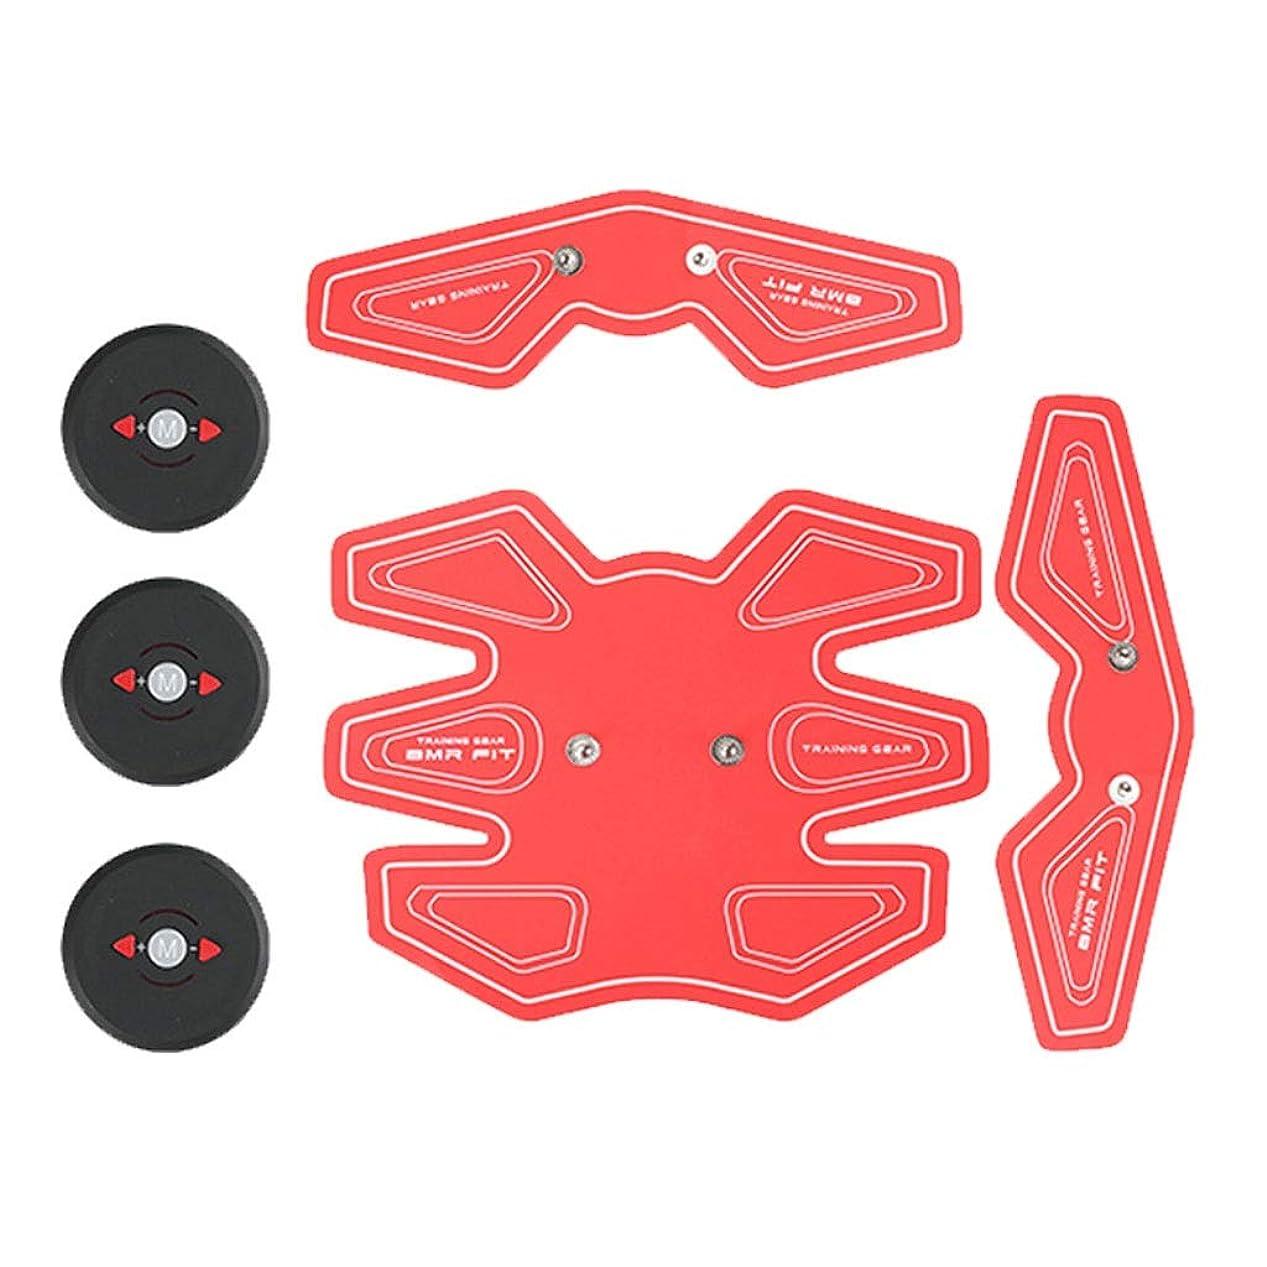 ABS筋肉トレーナー、携帯用腹部筋肉調子ベルトの家の適性の訓練装置、腹部腕の足の訓練の人および女性のための簡単な操作 (Color : Red)